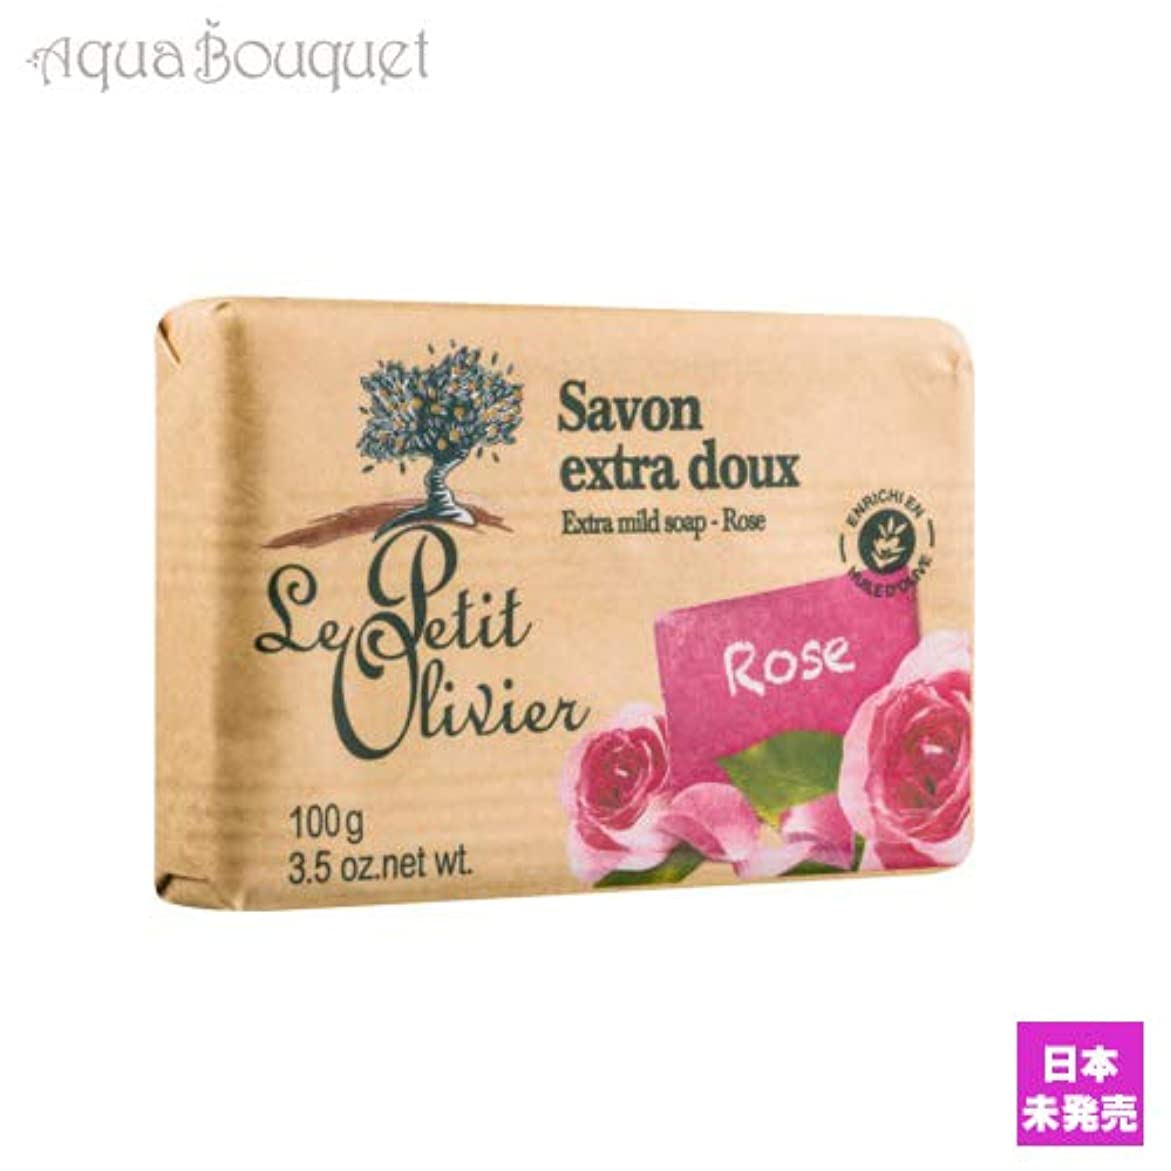 ル プティ オリヴィエ ローズ ソープ 100g LE PETIT OLIVIER SOAP ROSE [5318] [並行輸入品]